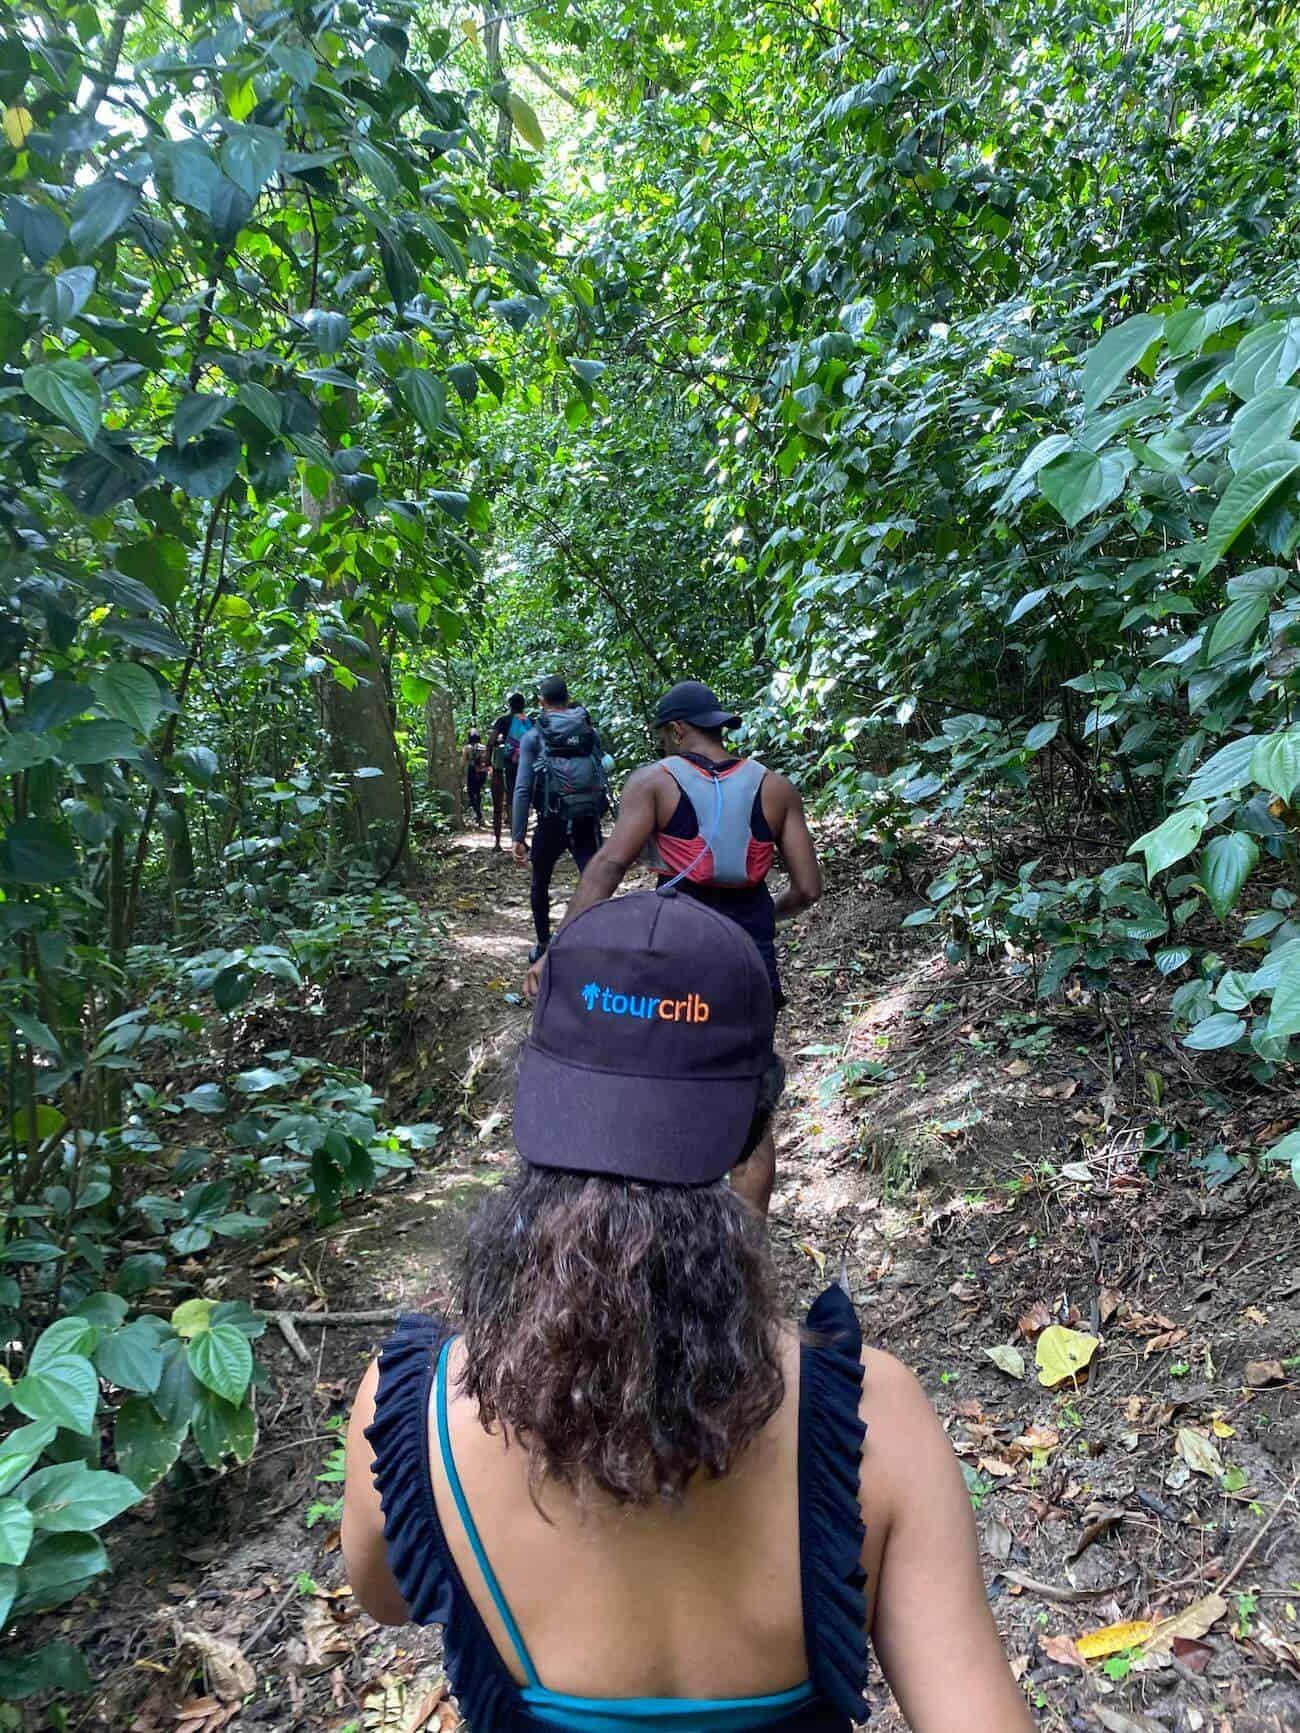 Équipe Tourcrib en randonnée à l'Anse Couleuvre